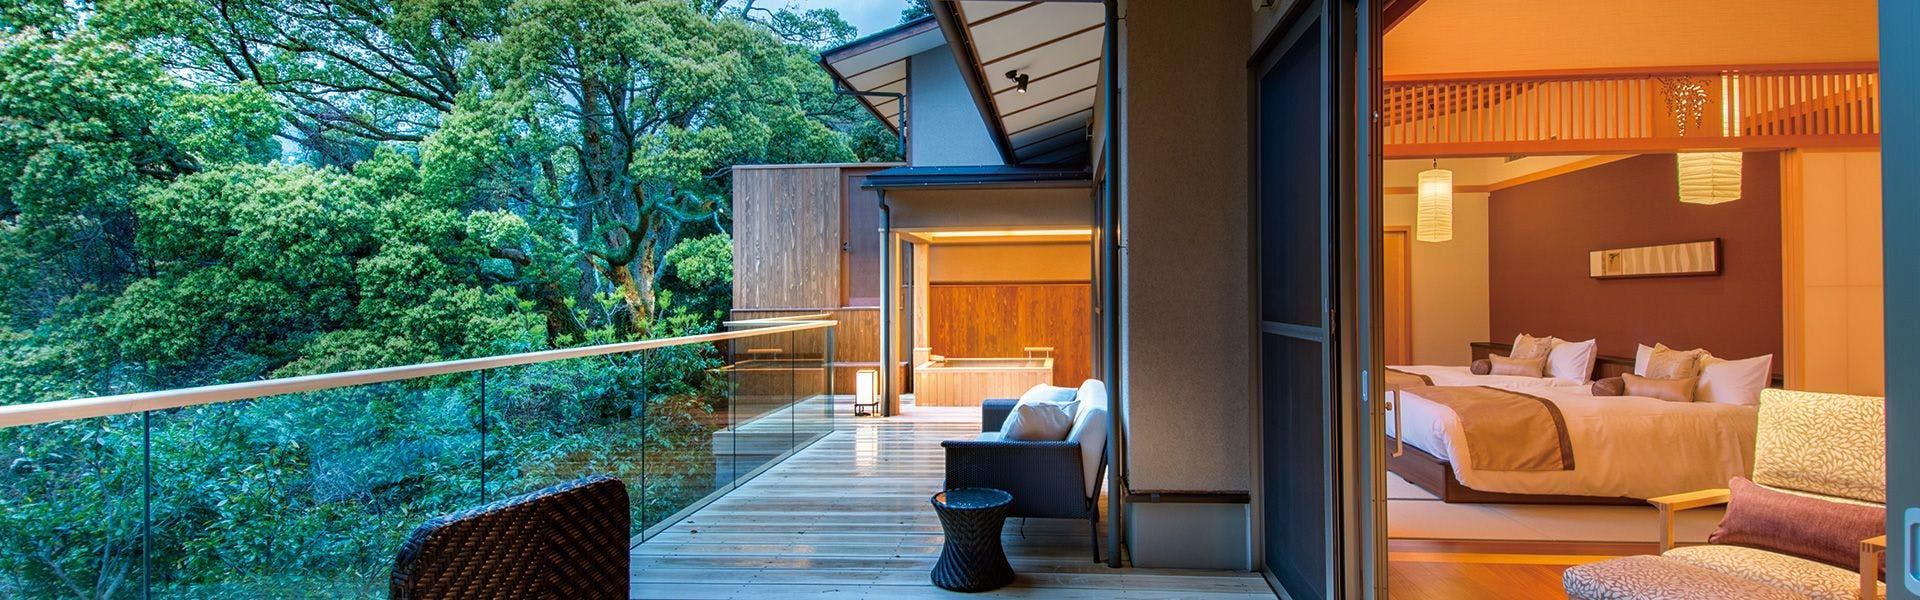 プール無料付】静岡県のシャワーブース付のお部屋 お食事の評価が高い ...